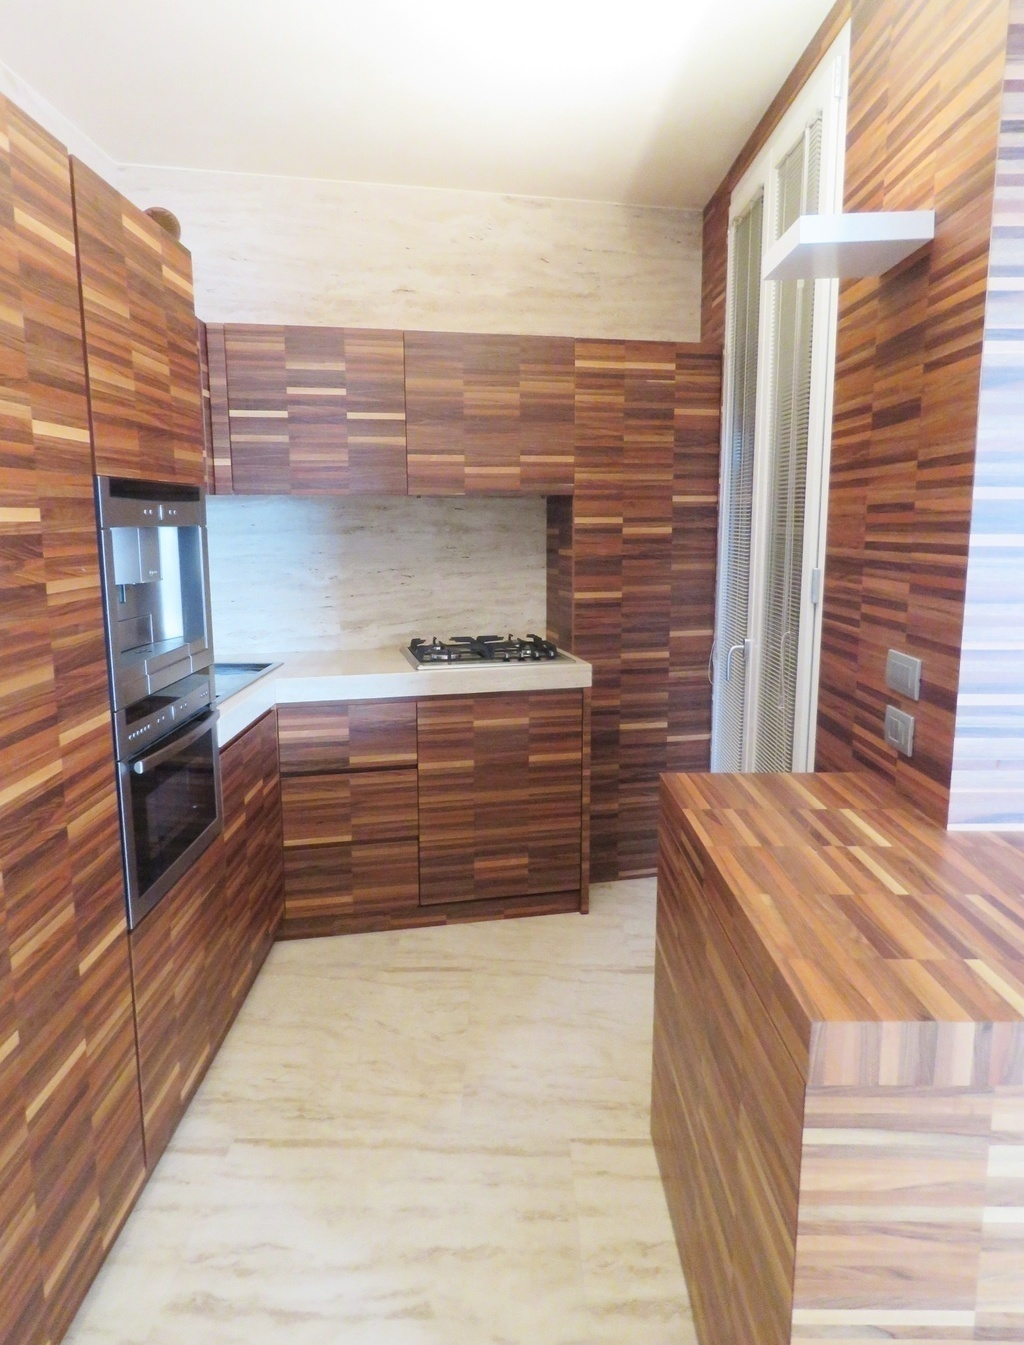 4 zimmer wohnung peschiera del garda gardasee ost kaufen immobilien s dtirol. Black Bedroom Furniture Sets. Home Design Ideas